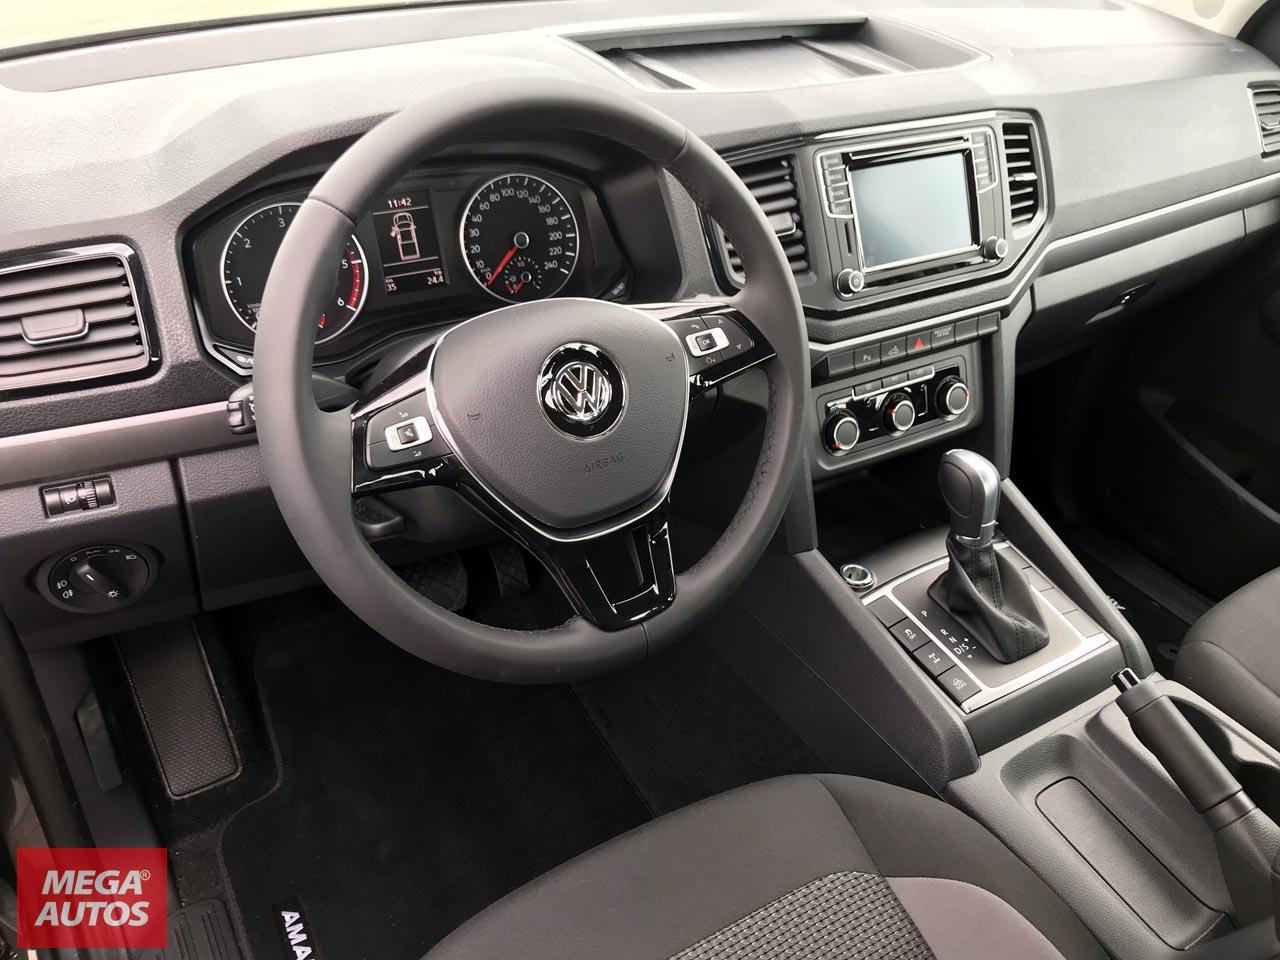 La Amarok V6 sumará una nueva versión Comfortline - Mega Autos